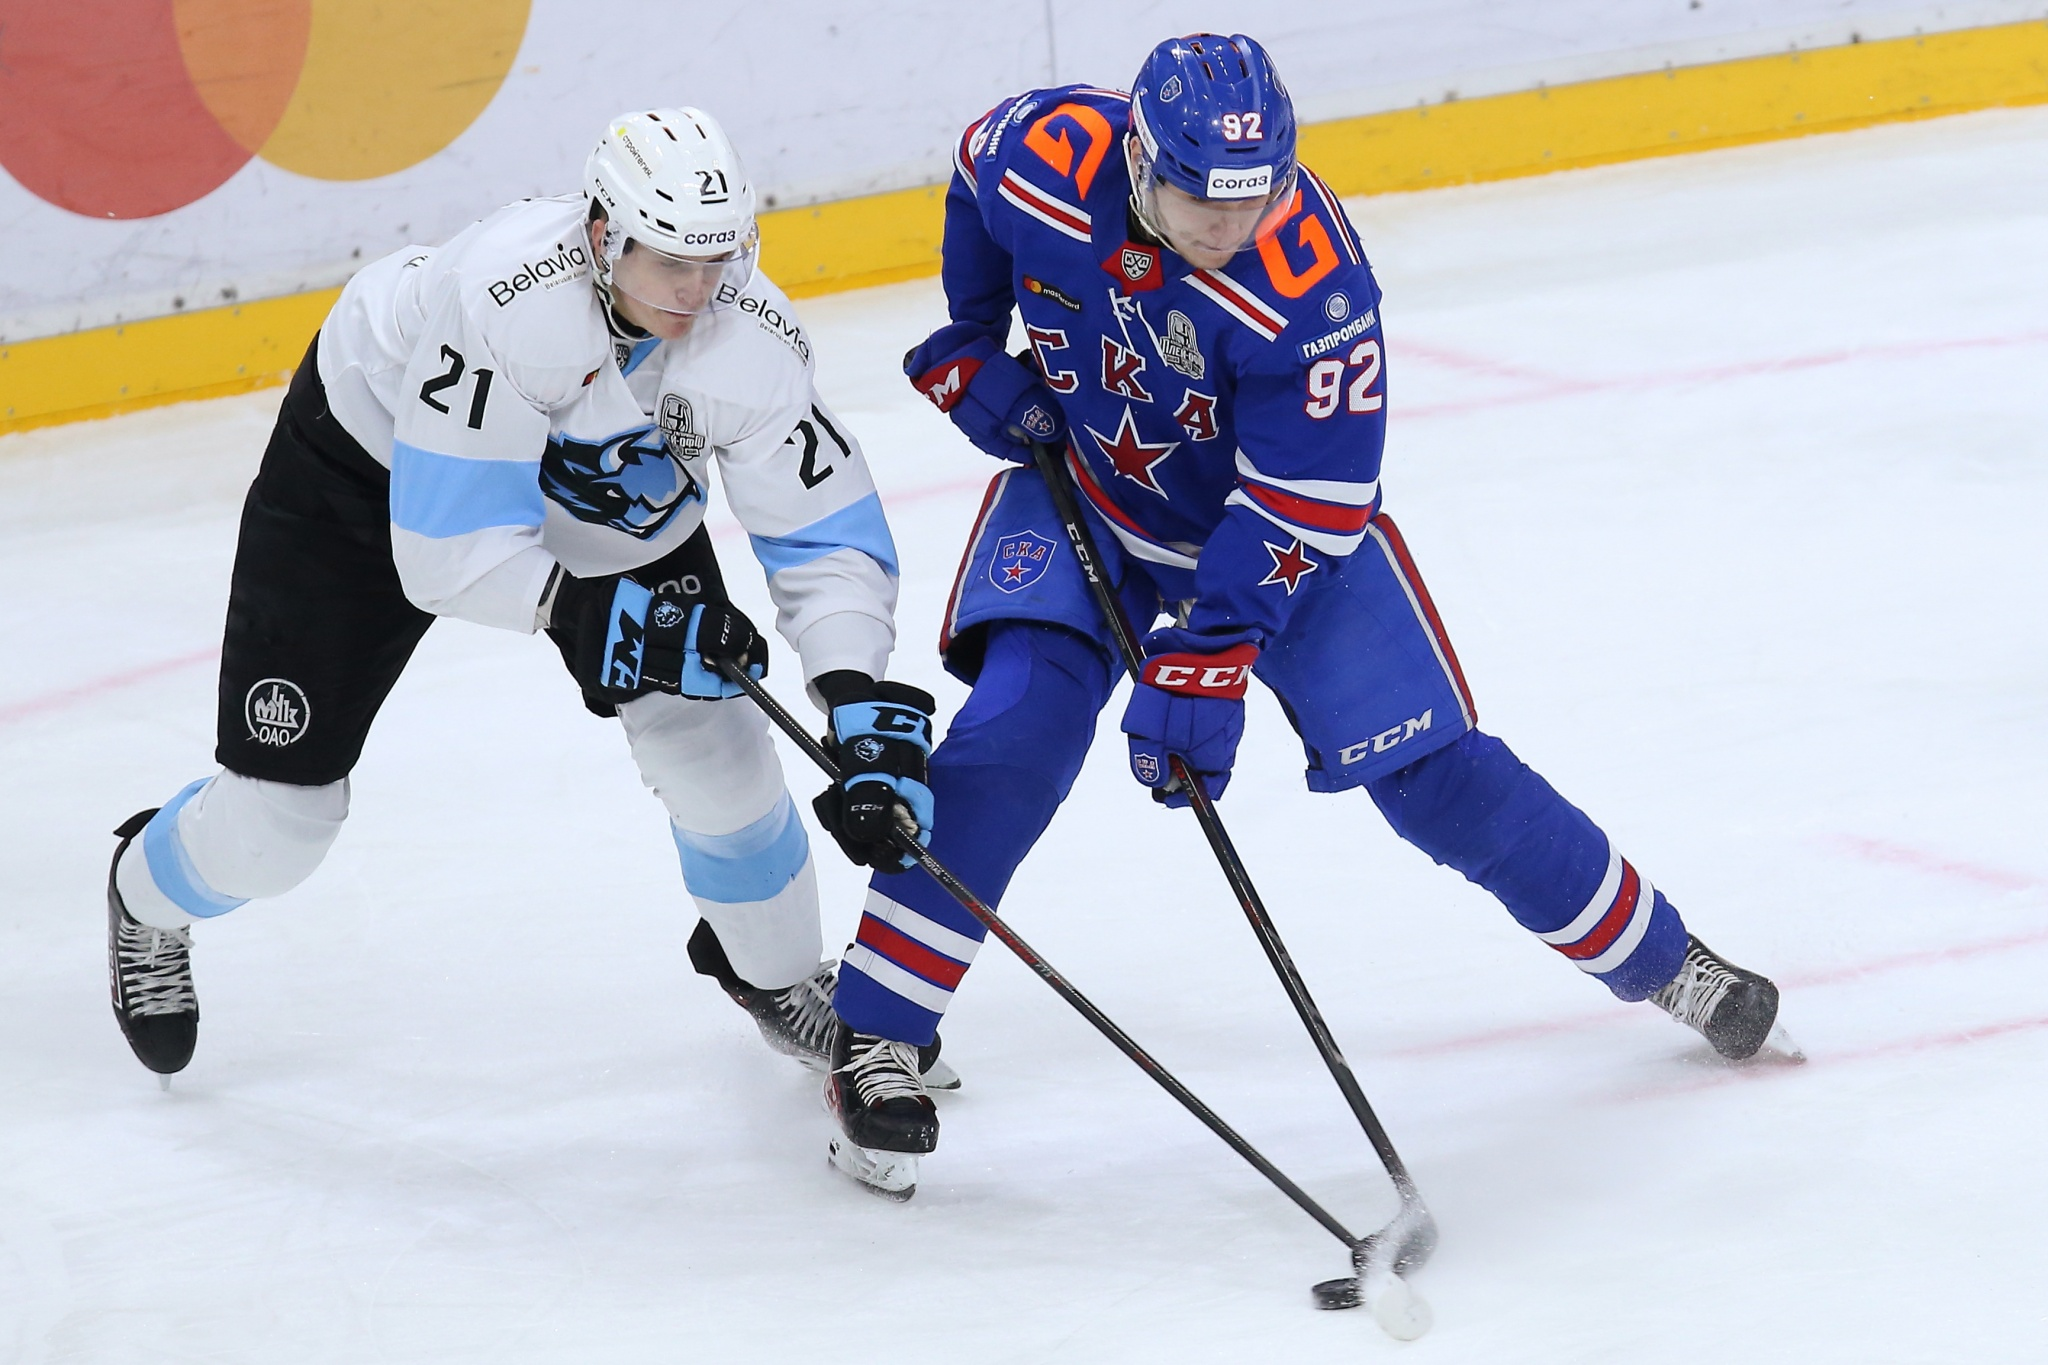 Алексей Протас и Василий Подколзин. Фото: Илья Смирнов